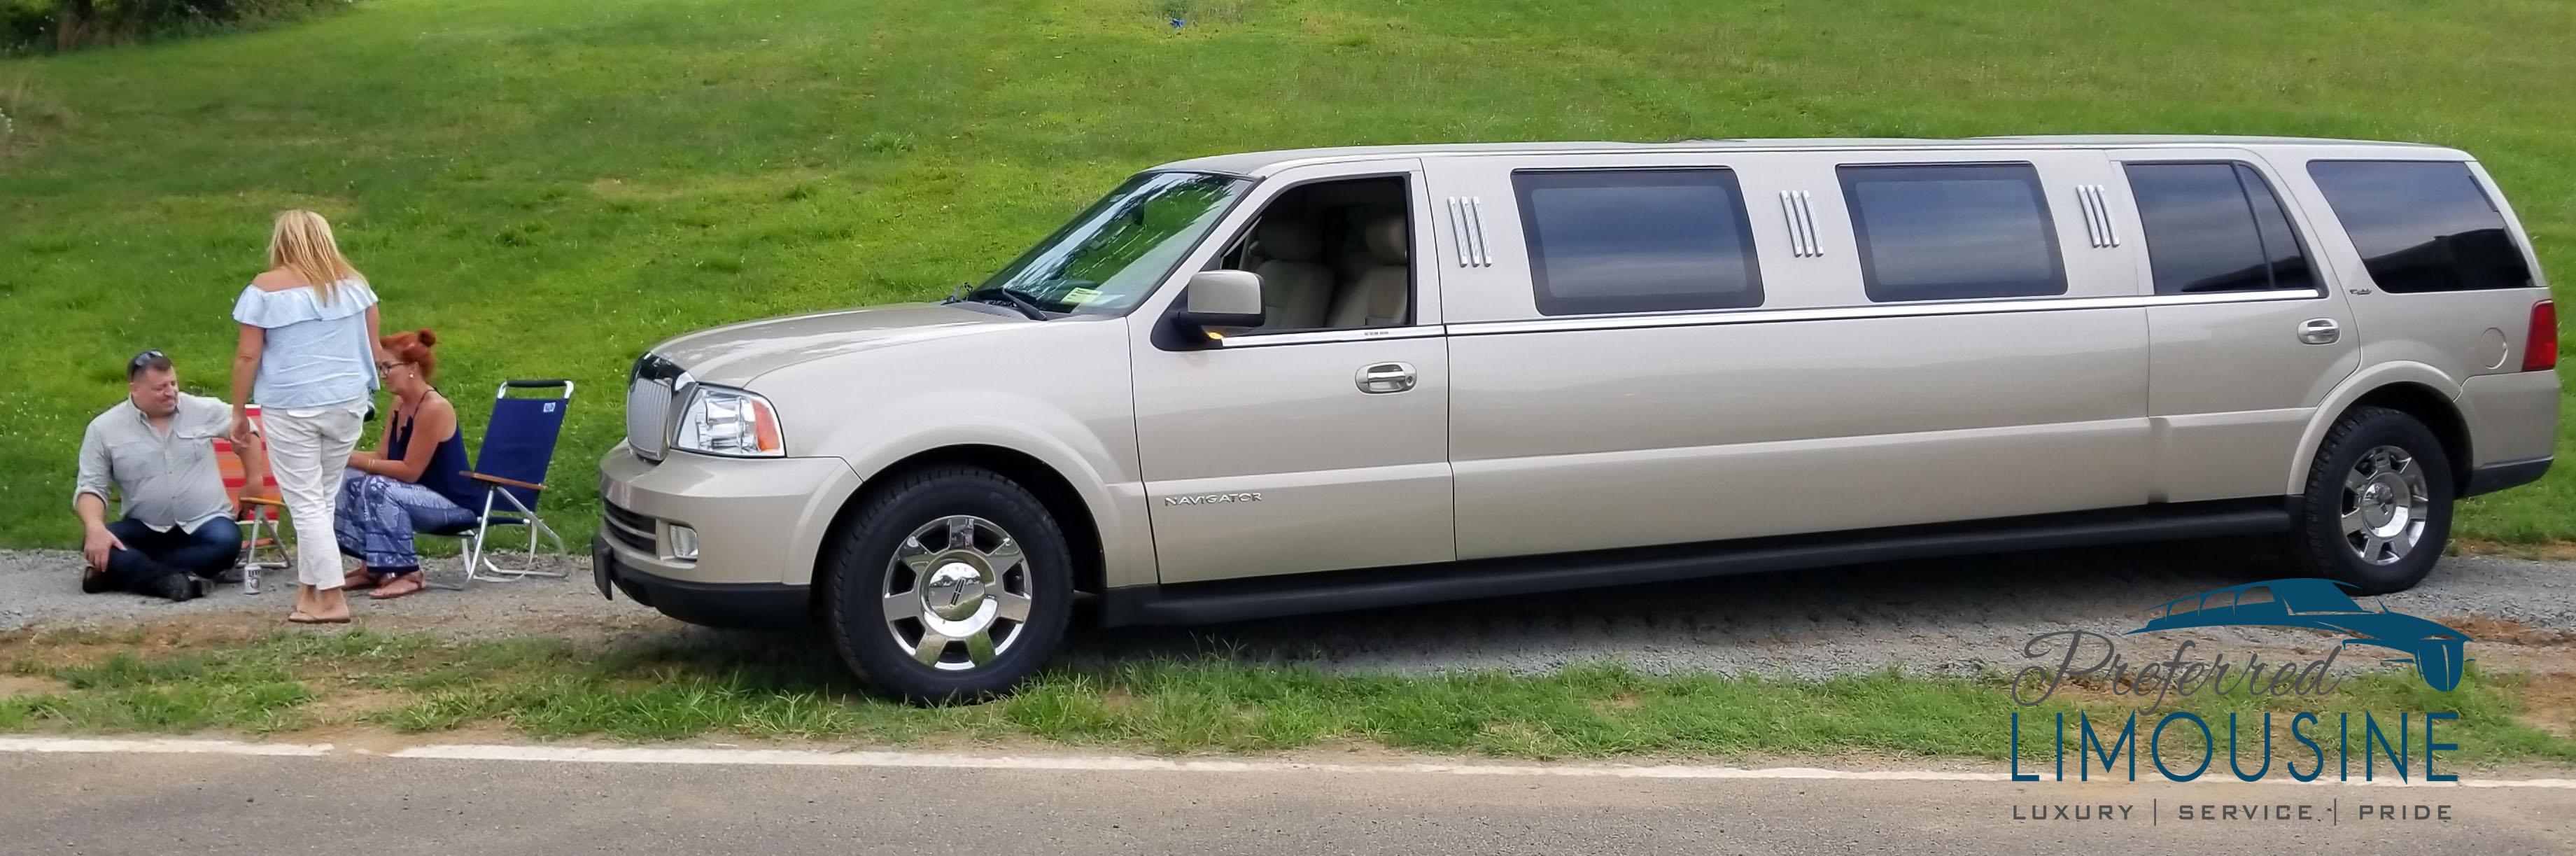 pnc arts limousine